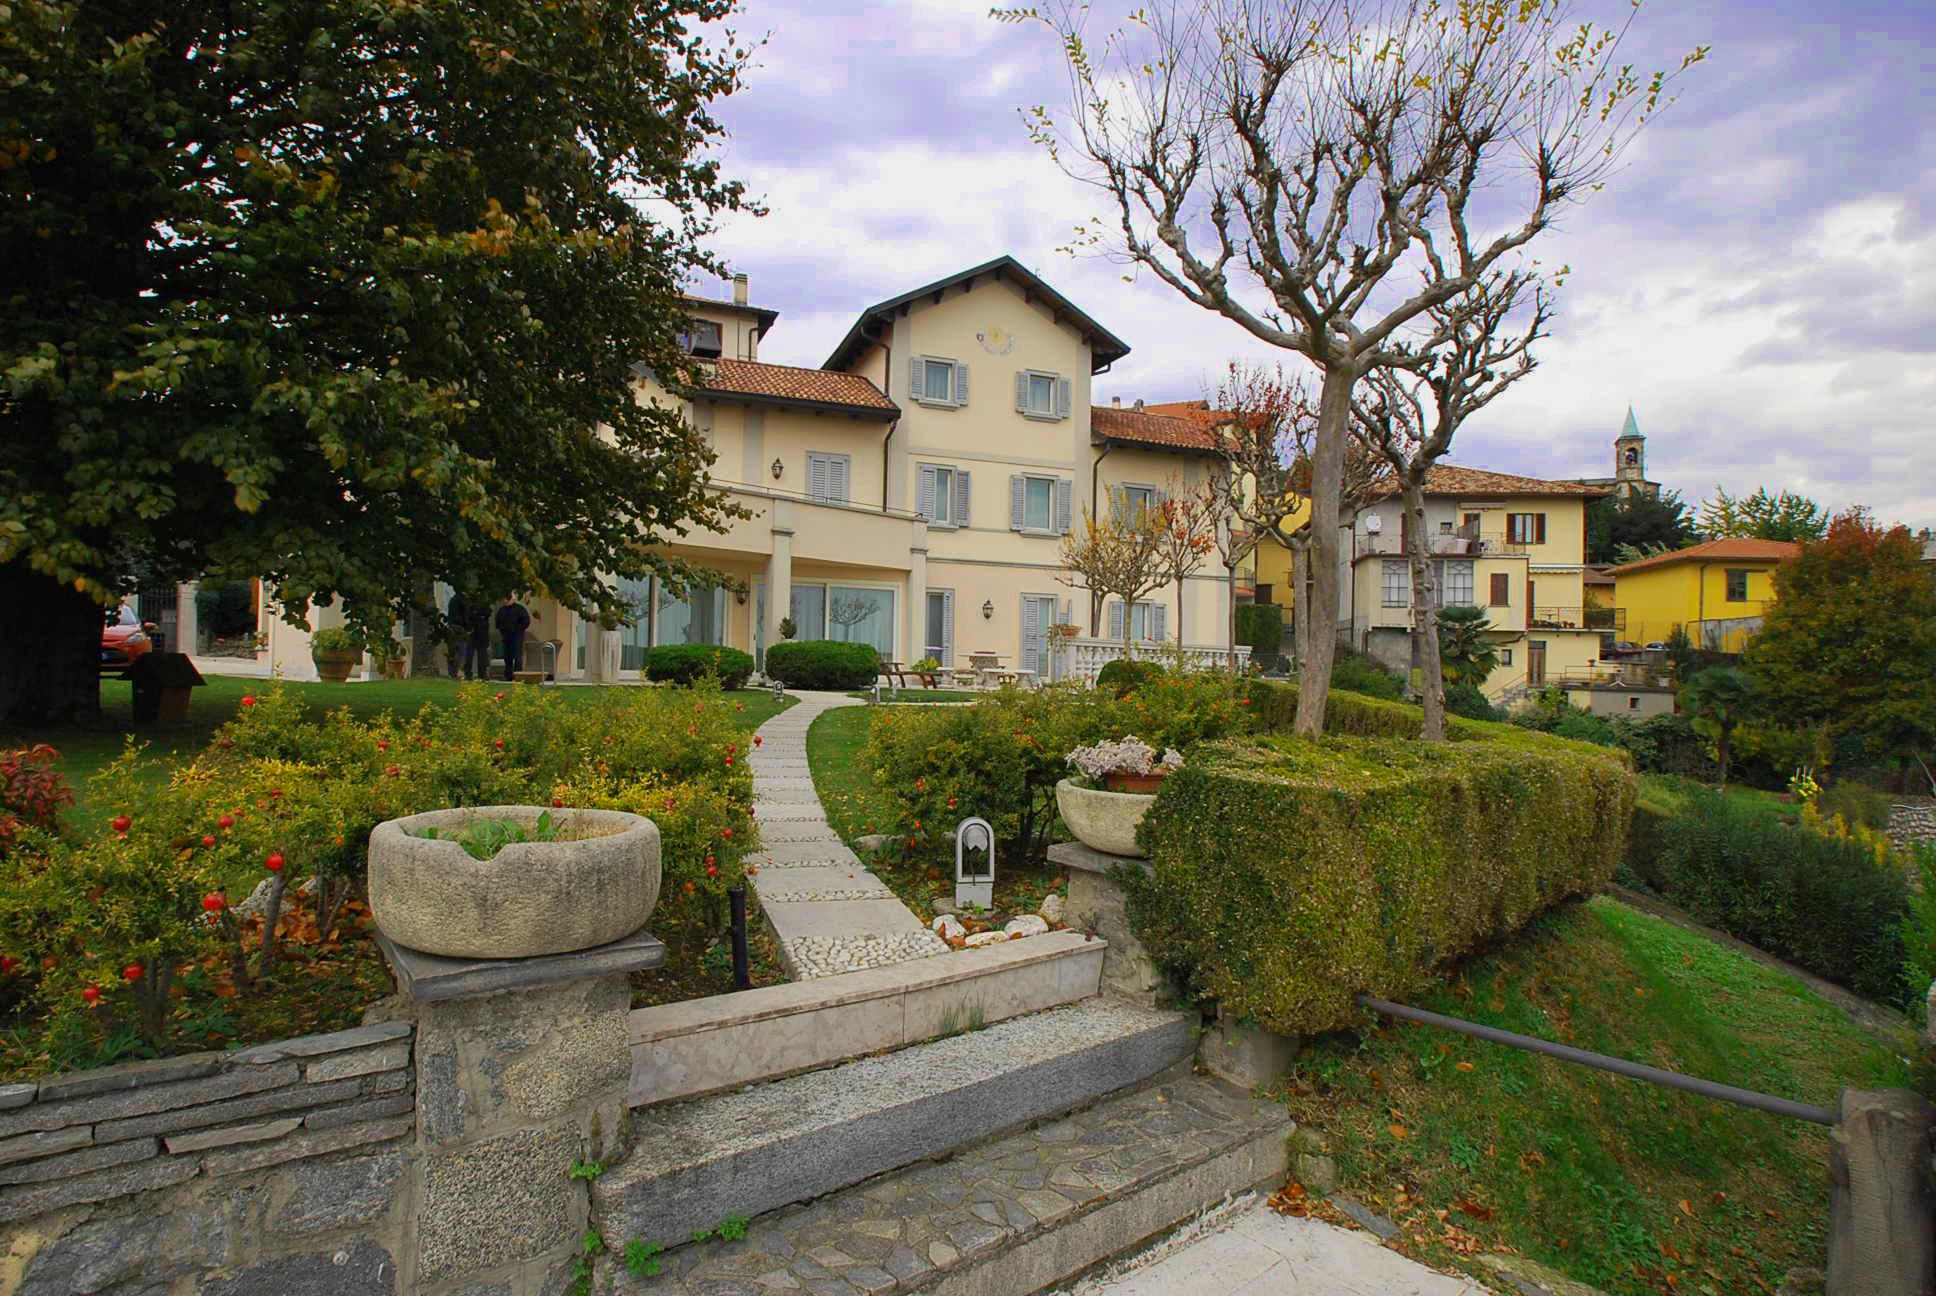 Monticello brianza archivi agenzia immobiliare sesto san for Aste immobiliari monza